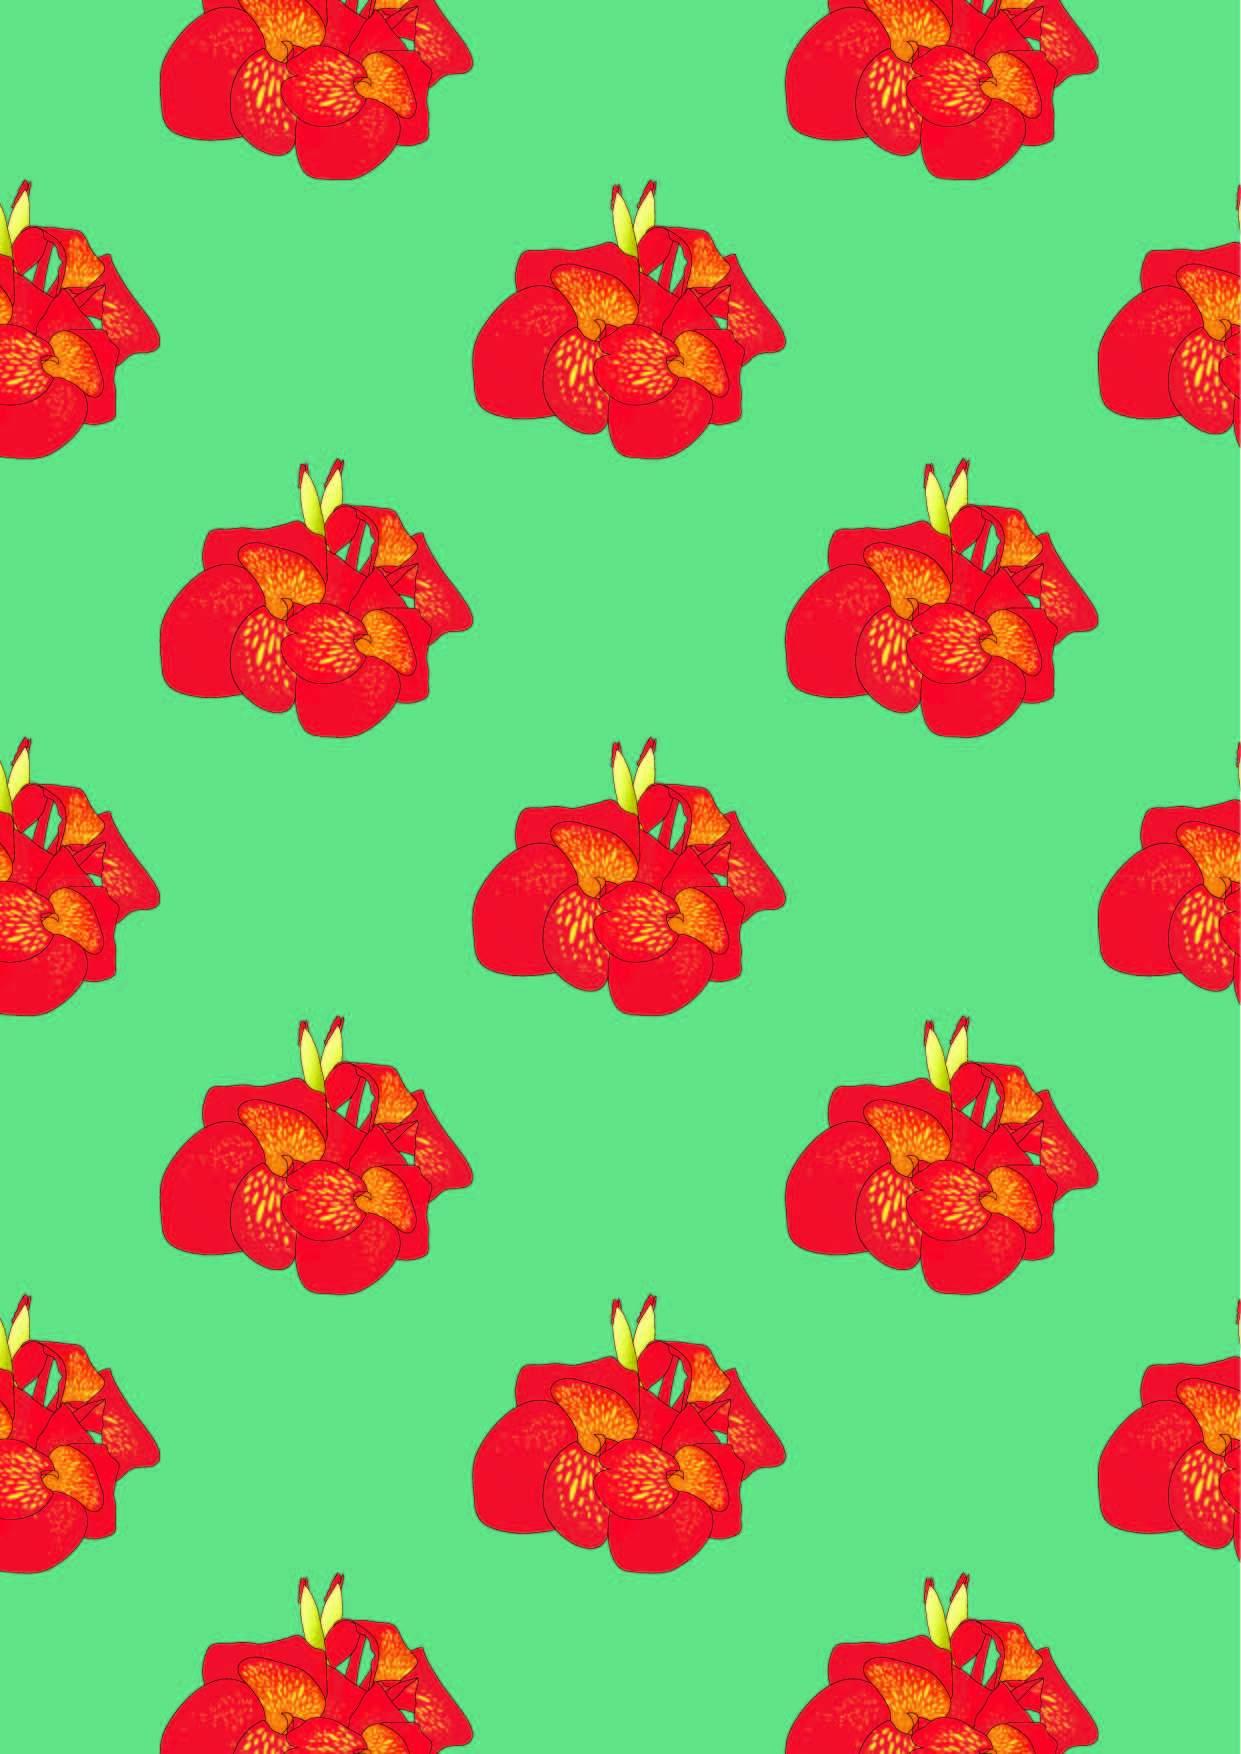 植物花朵君子兰印花图案服装纺织面料数码印花花型素材-POP花型网